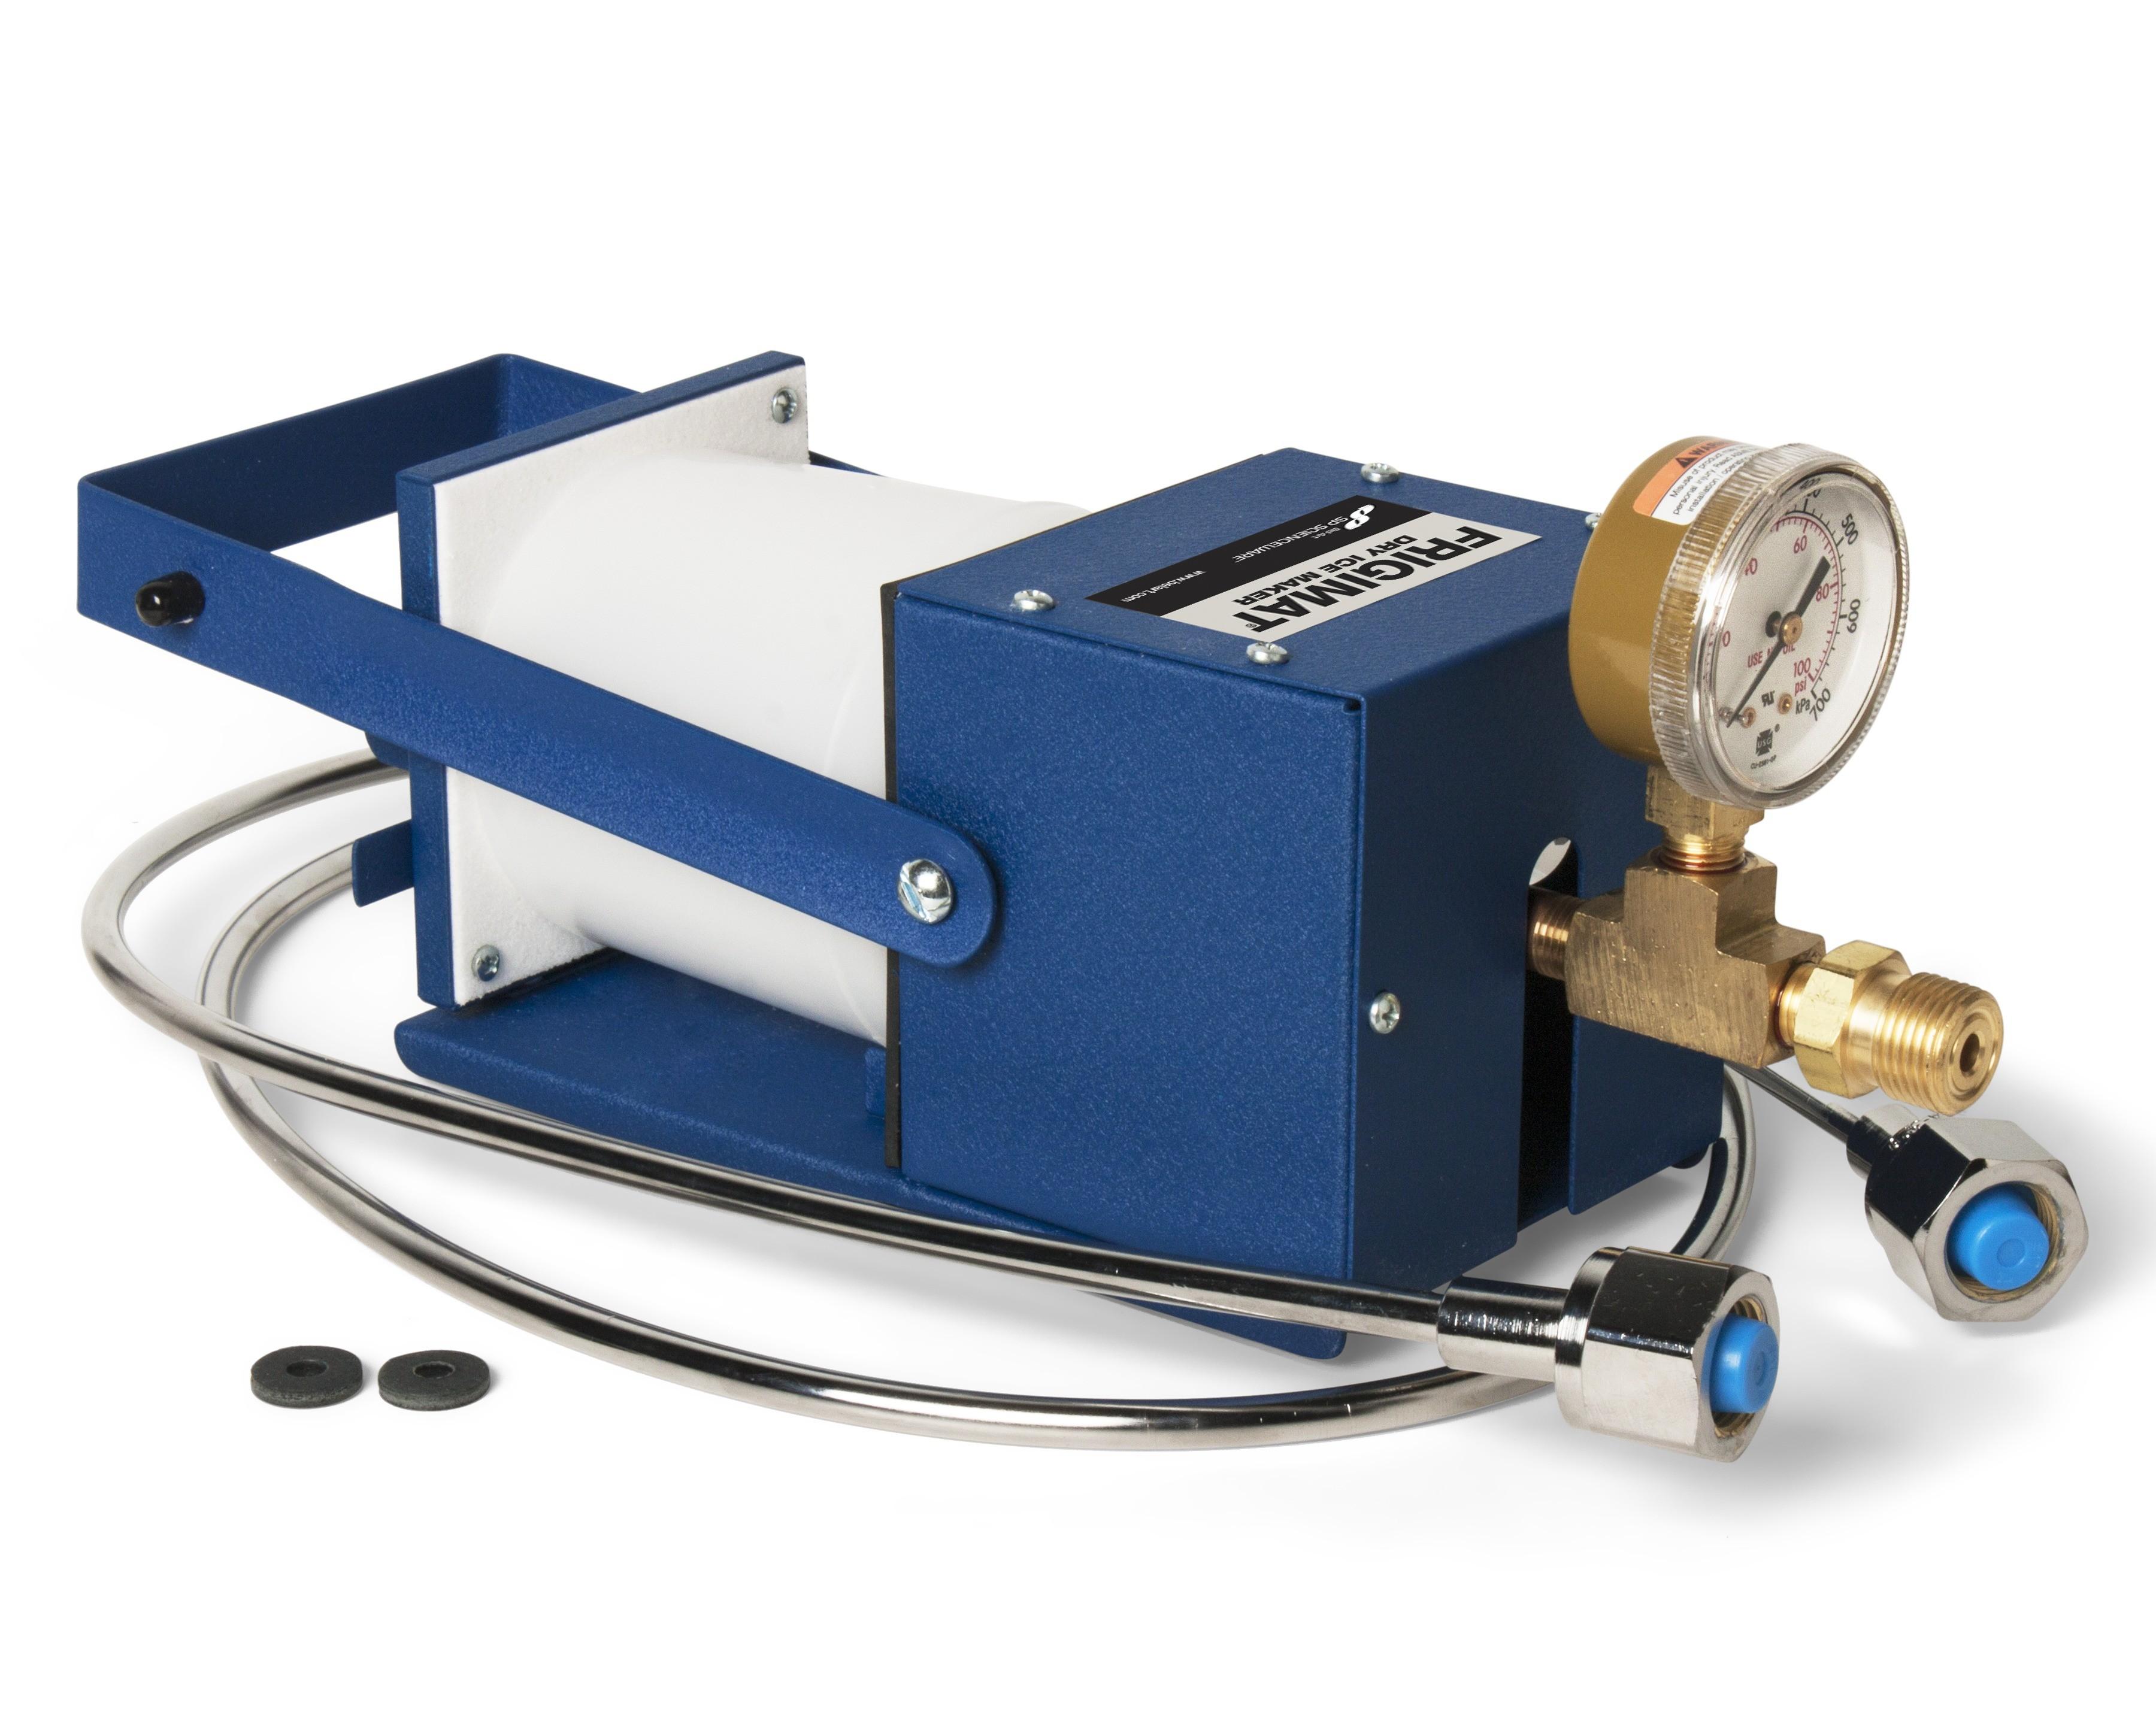 SP Bel-Art Economy Frigimat Dry Ice Maker; Japanese Model, 14¾ x 5½ x 6 in.